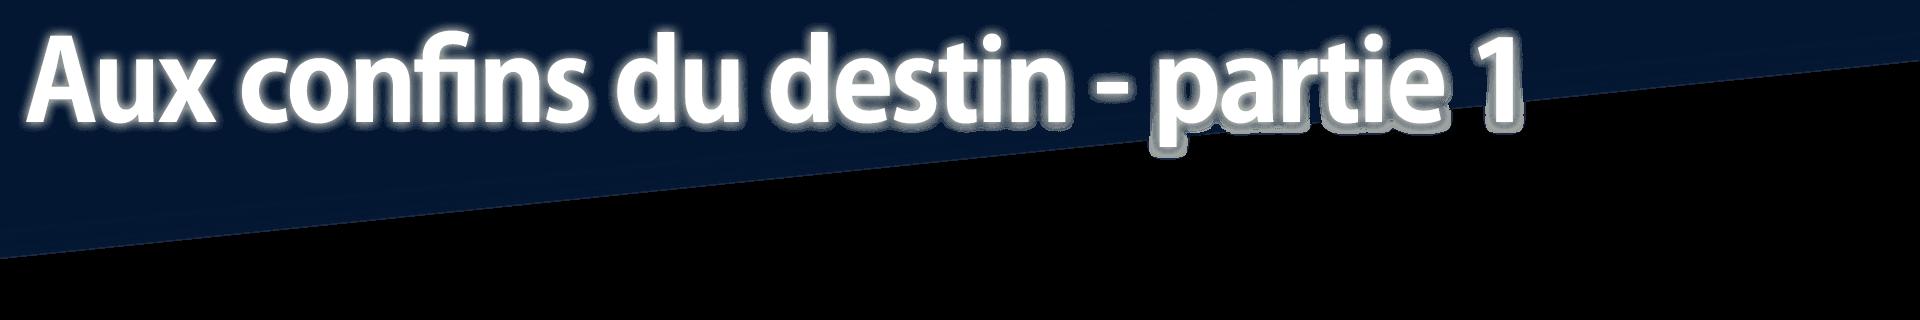 Aux confins du destin - partie 1